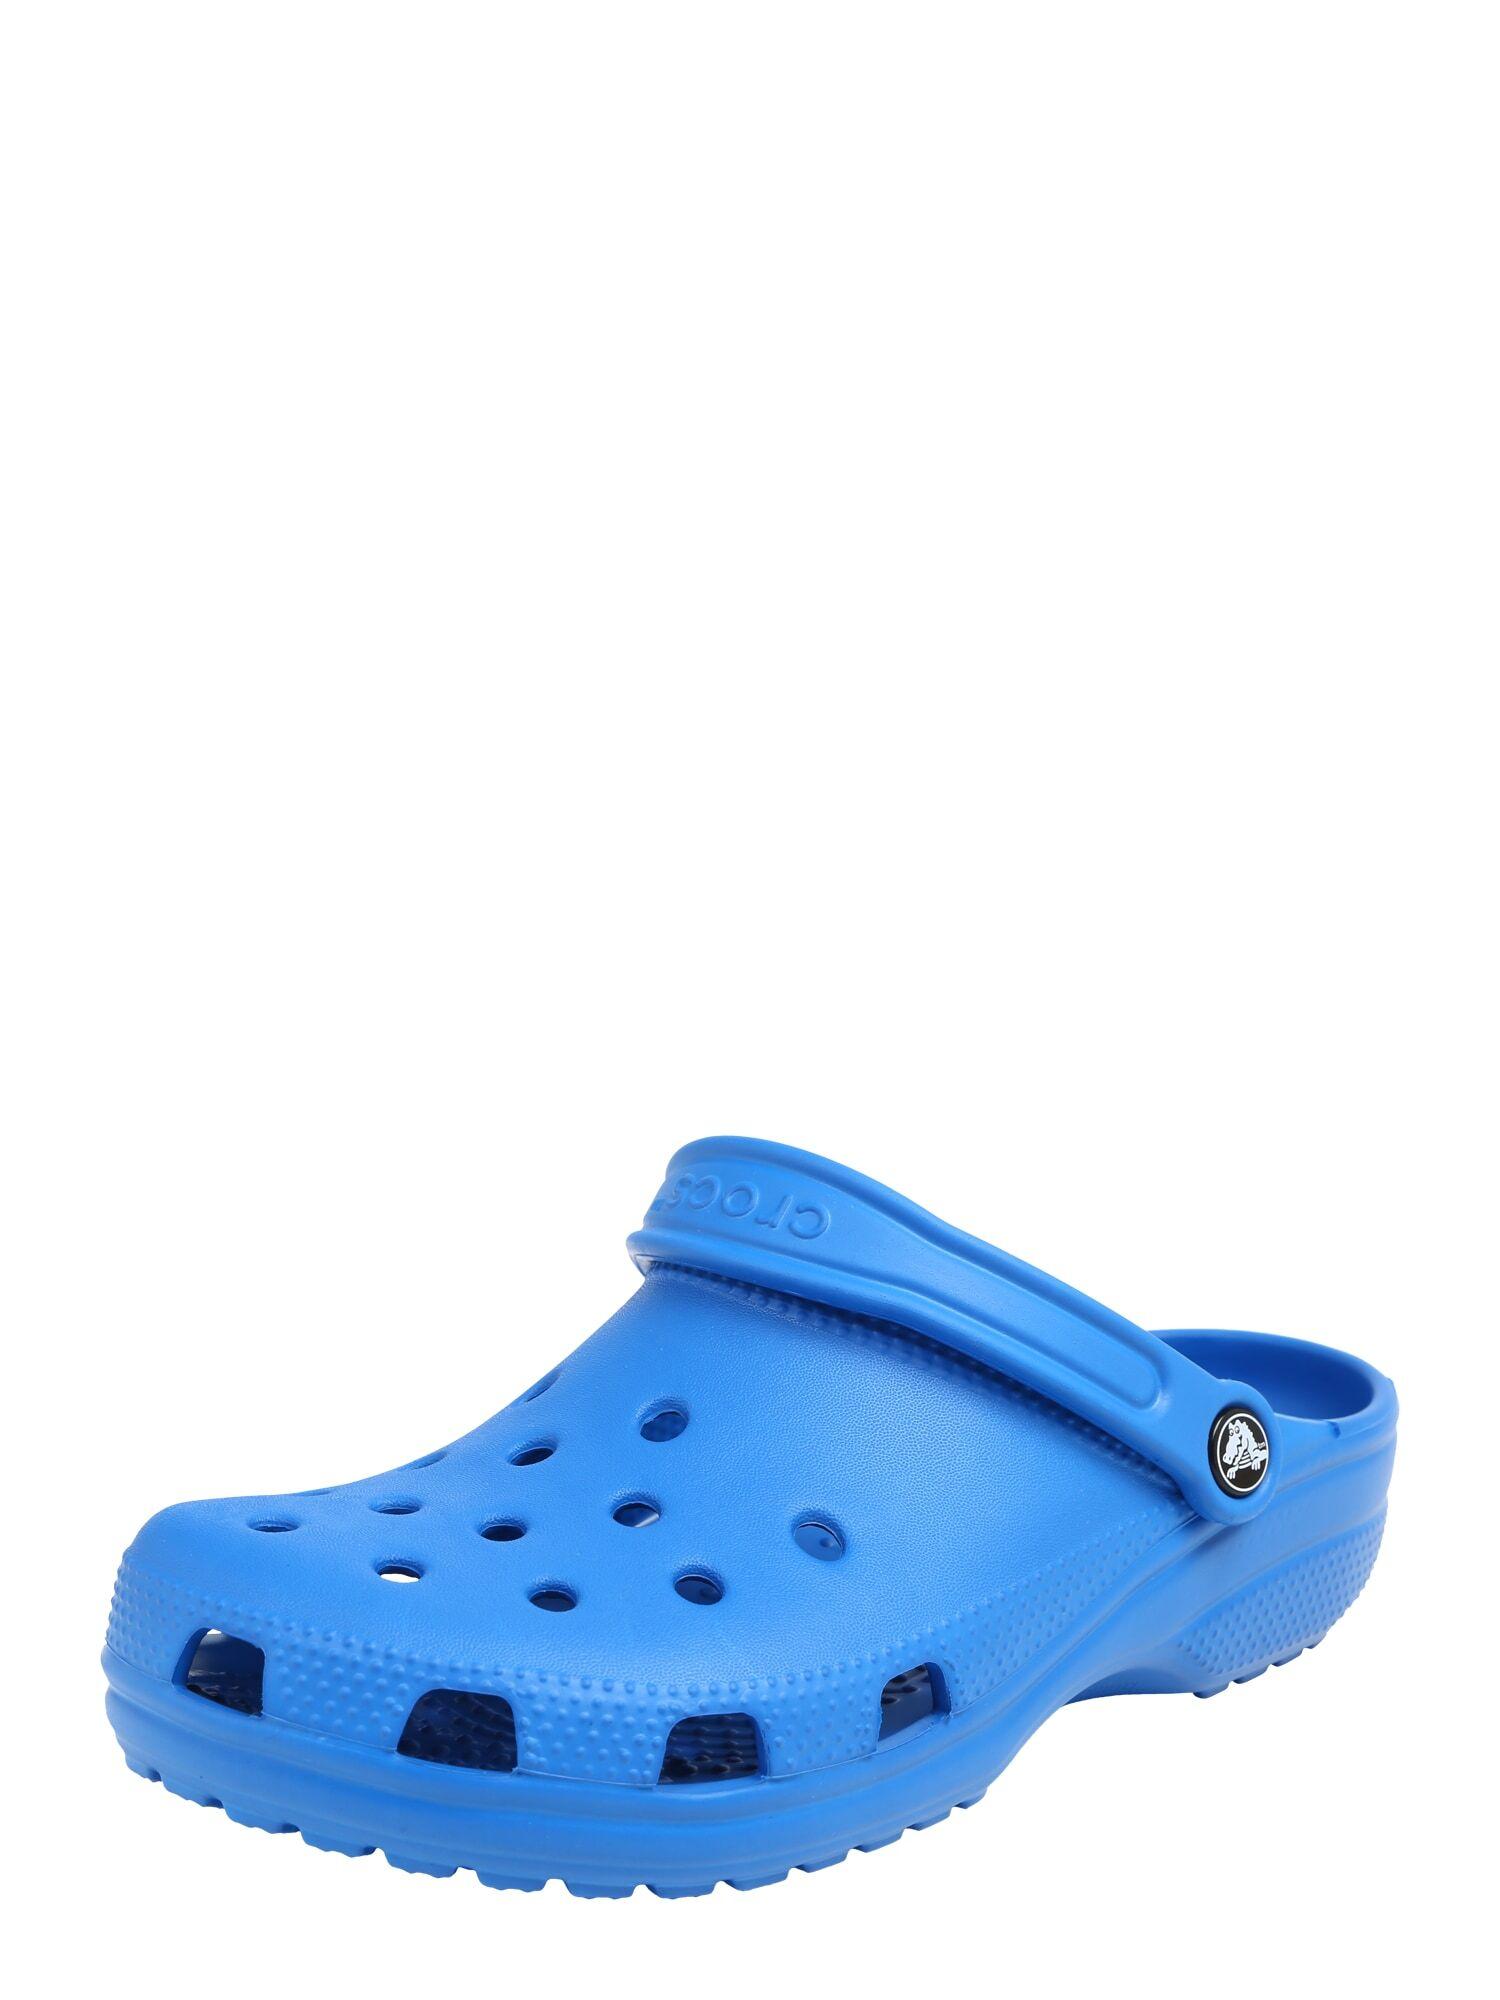 Crocs Sabots 'Classic'  - Bleu - Taille: M10W12 - male